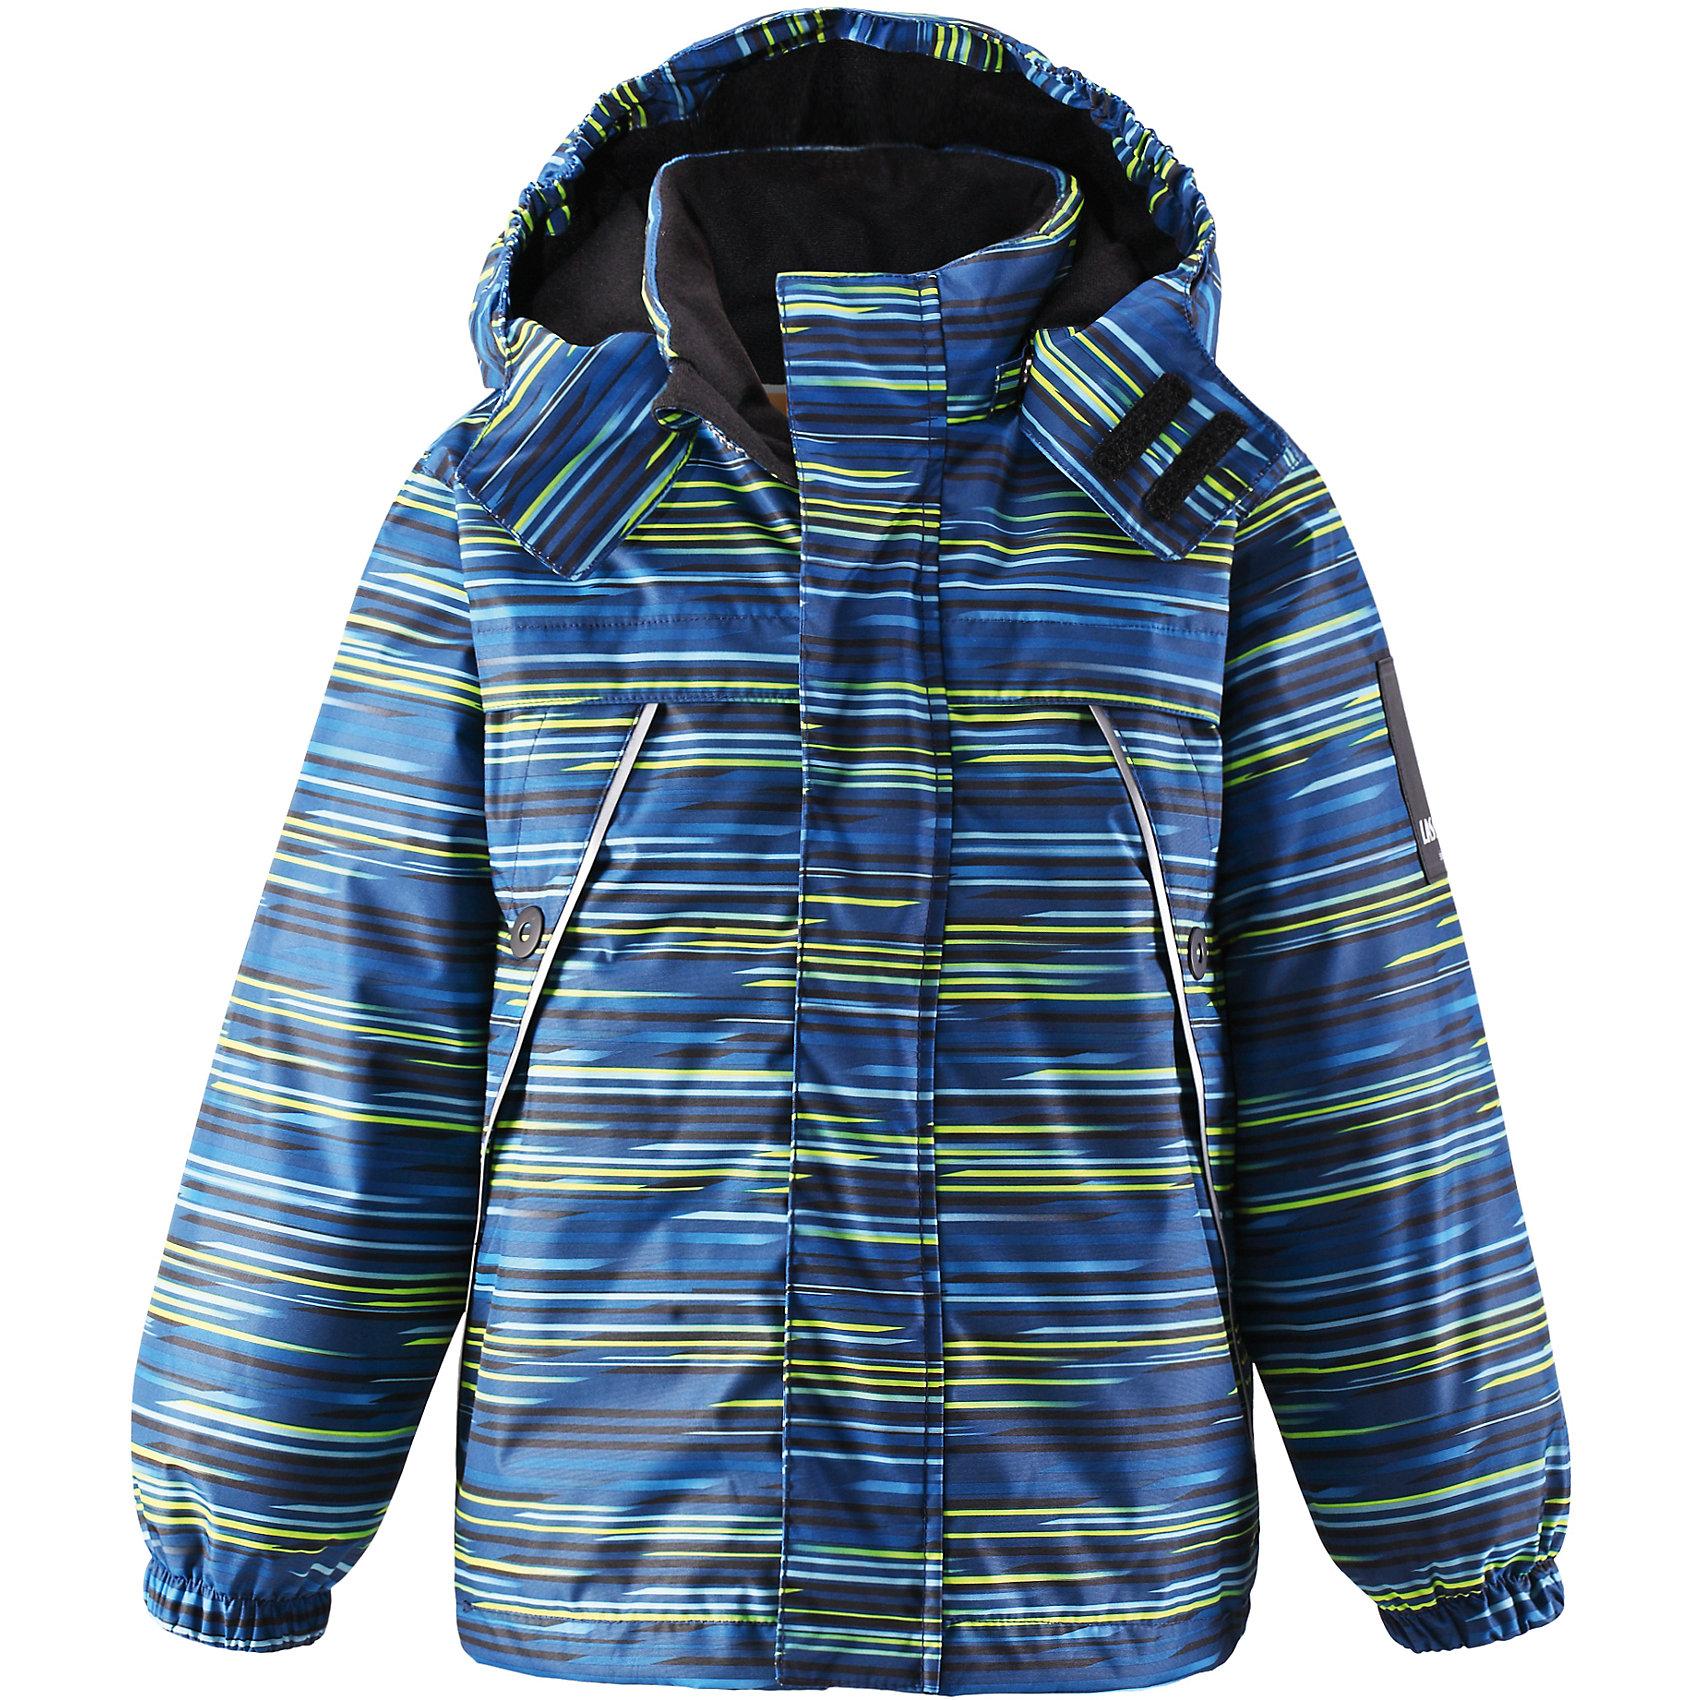 Куртка для мальчика LASSIEОдежда<br>Зимняя куртка для детей Lassietec®. <br><br>- Водо- и ветронепроницаемый, «дышащий» и грязеотталкивающий материал.<br>- Внешние швы проклеены.<br>- Гладкая подкладка из полиэстра.<br>- Средняя степень утепления.<br>-  Безопасный, съемный капюшон.<br>- Эластичные манжеты. <br>- Регулируемый подол.<br>- Передние карманы. <br><br> Рекомендации по уходу: Стирать по отдельности, вывернув наизнанку. Застегнуть молнии и липучки. Соблюдать температуру в соответствии с руководством по уходу. Стирать моющим средством, не содержащим отбеливающие вещества. Полоскать без специального средства. Сушение в сушильном шкафу разрешено при  низкой температуре.<br><br>Состав: 100% Полиамид, полиуретановое покрытие.  Утеплитель «Lassie wadding» 140гр.<br><br>Ширина мм: 356<br>Глубина мм: 10<br>Высота мм: 245<br>Вес г: 519<br>Цвет: синий<br>Возраст от месяцев: 18<br>Возраст до месяцев: 24<br>Пол: Мужской<br>Возраст: Детский<br>Размер: 92,140,98,104,110,116,122,128,134<br>SKU: 4782248